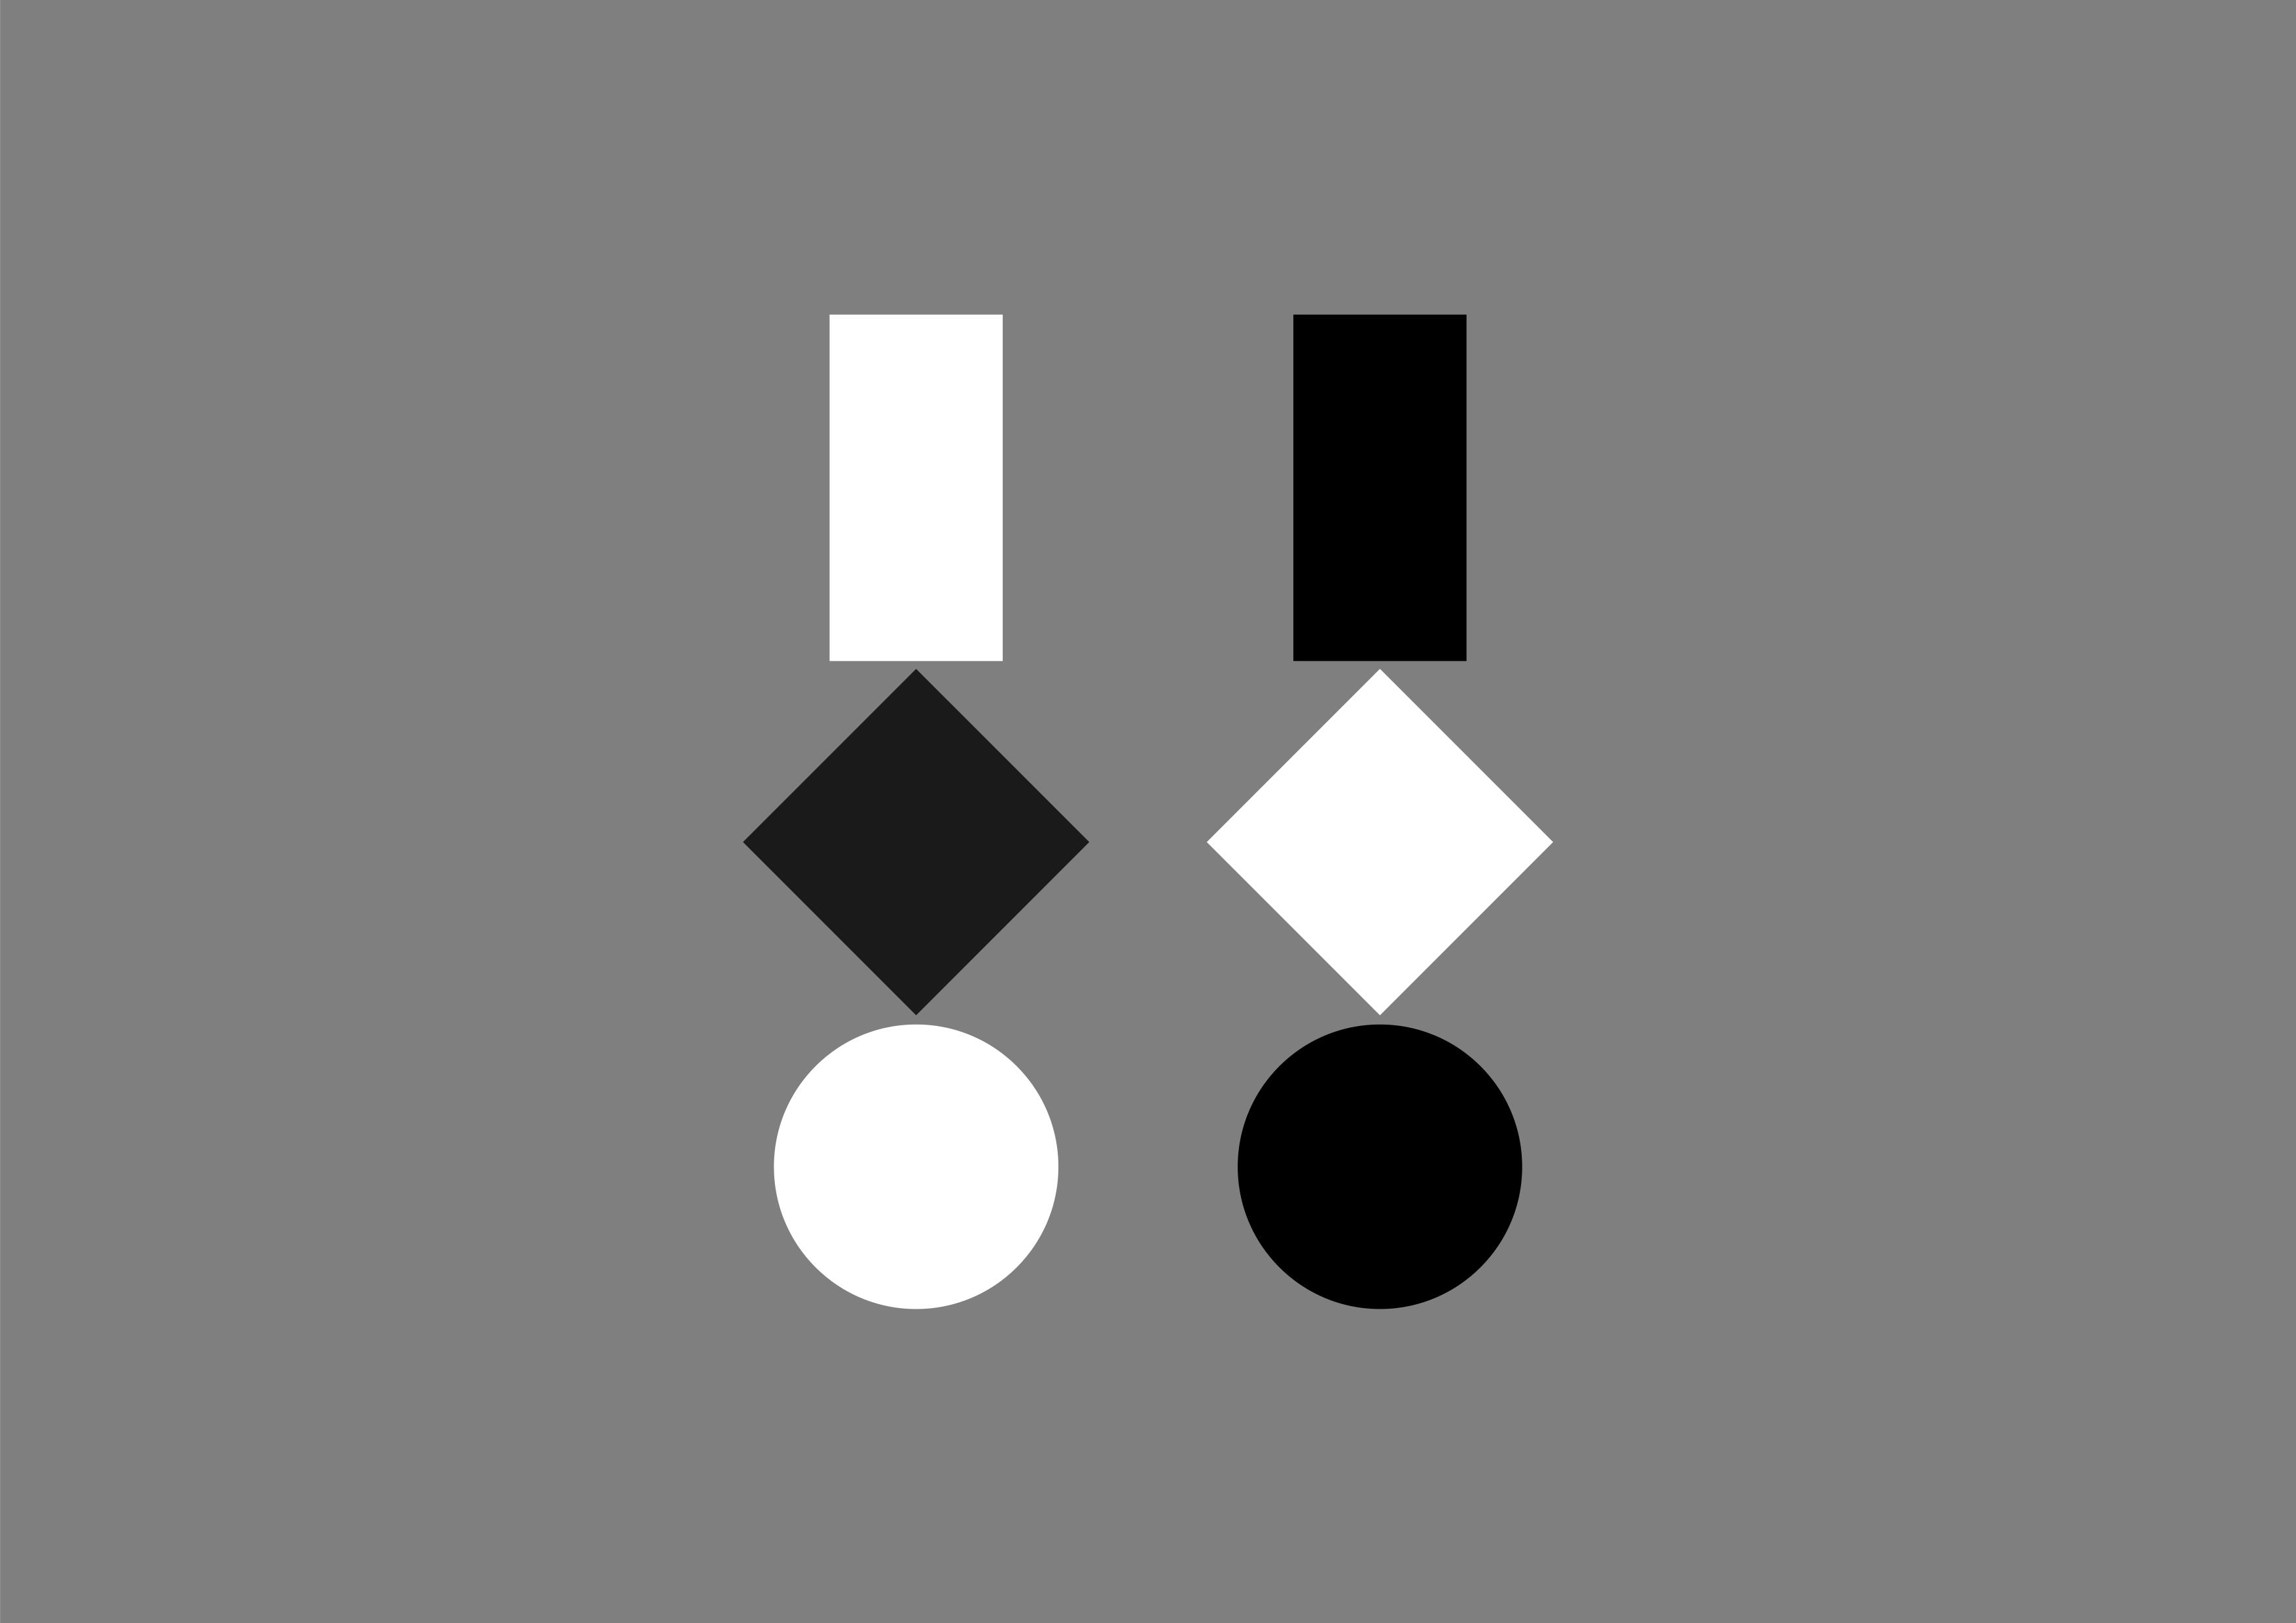 Drei geometrische Figuren · Weiß und Schwarz · Grauer Hintergrund